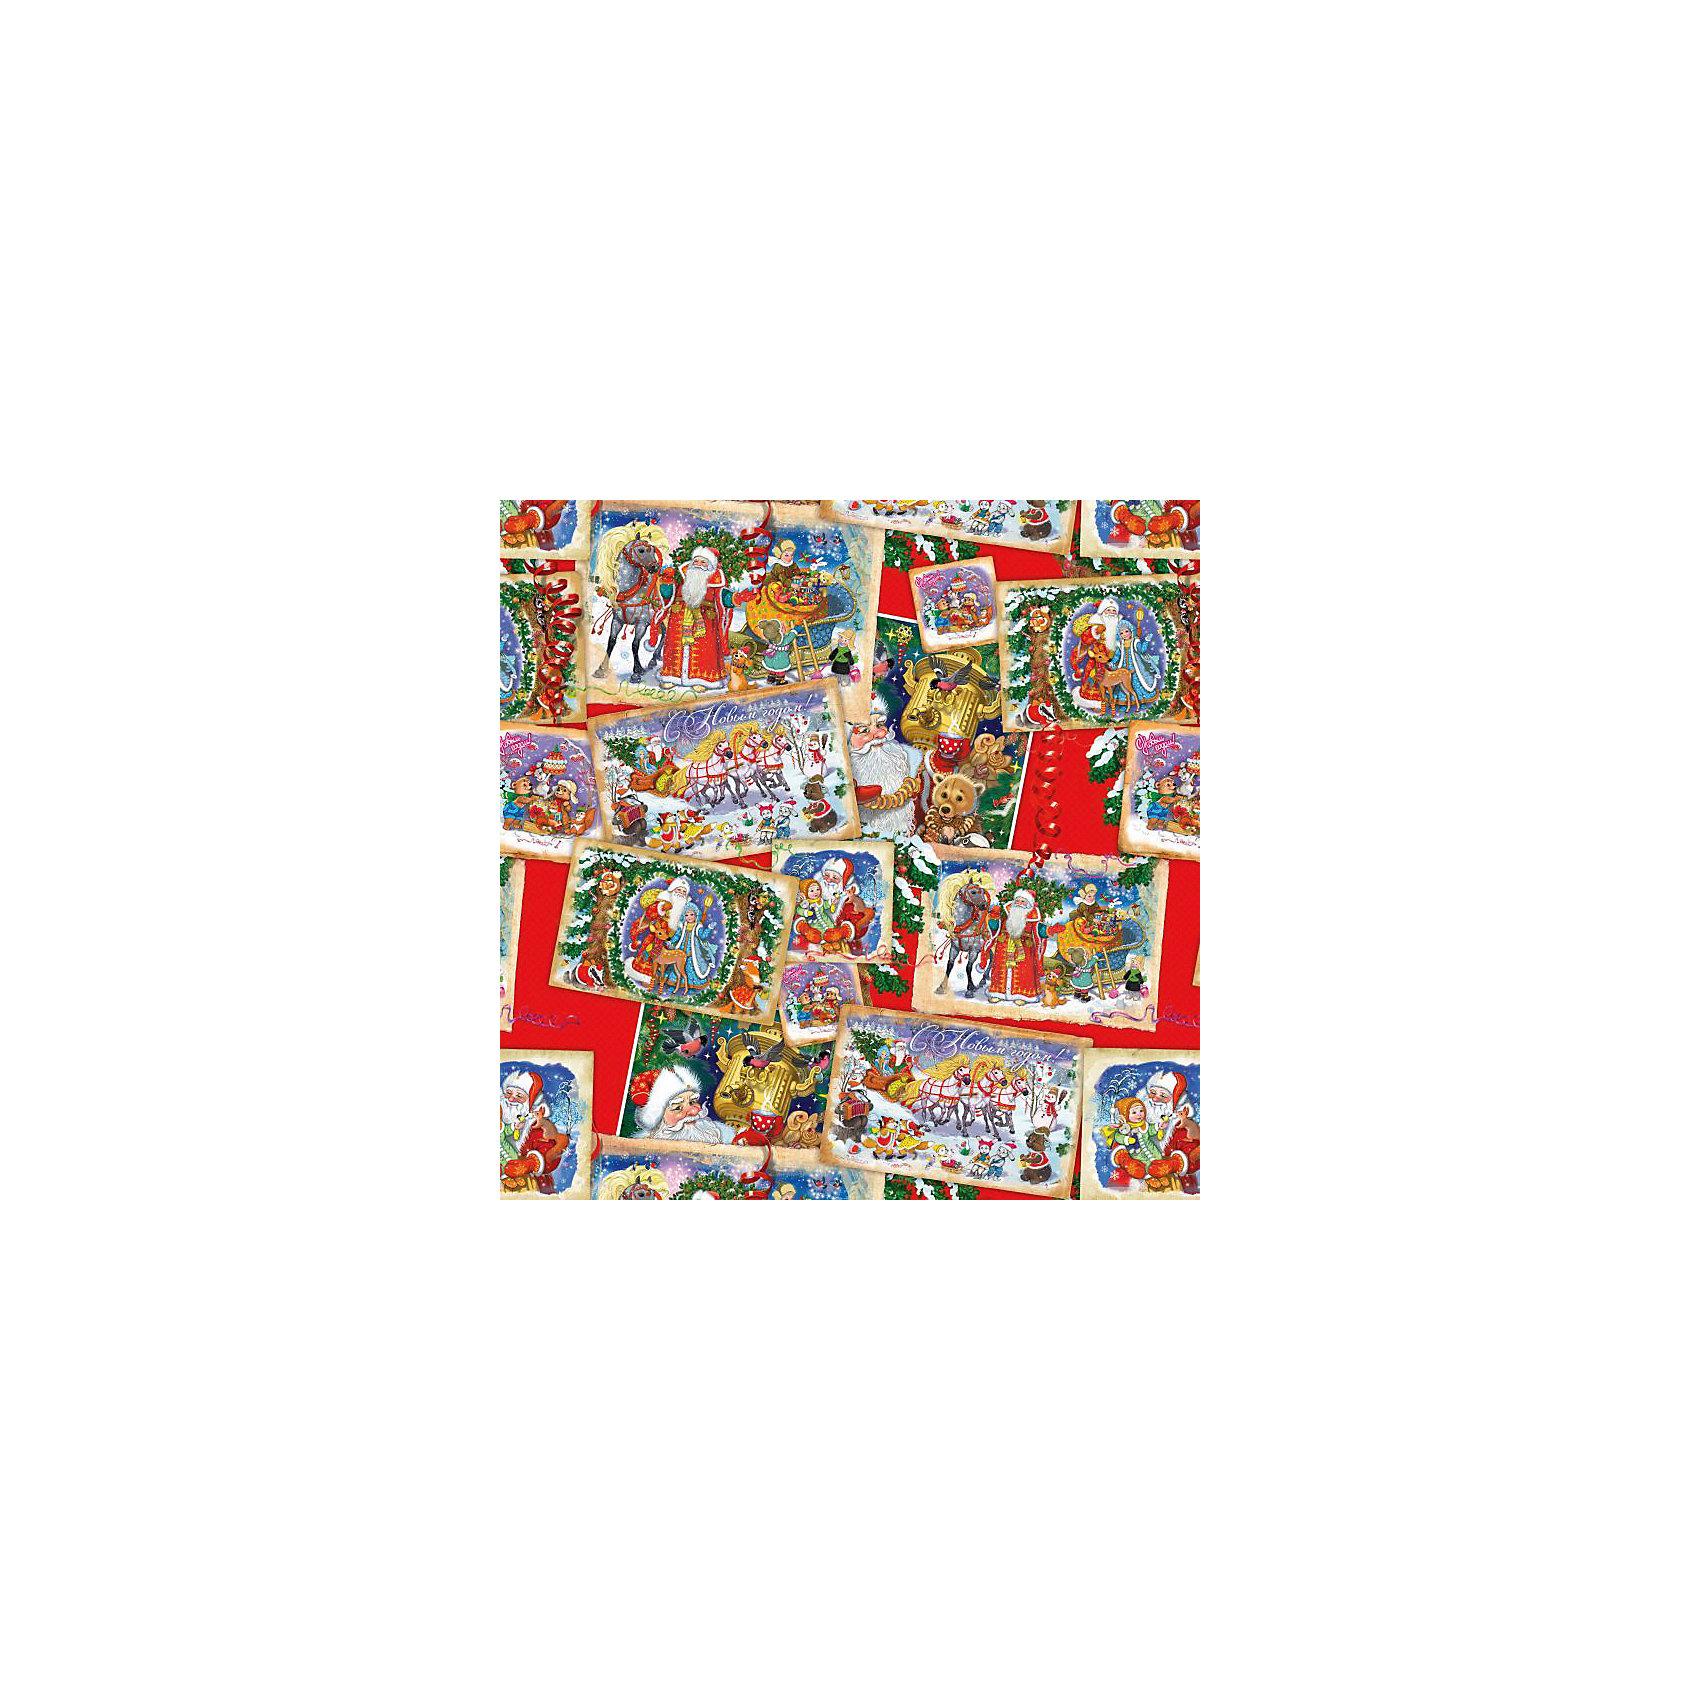 Упаковочная бумага Новогодние открытки 100*70 см (в рулоне)Новинки Новый Год<br>Упаковочная бумага Новогодние открытки 100*70 см (в рулоне) - этот яркий аксессуар станет достойным украшением новогоднего подарка.<br>С помощью упаковочной бумаги Новогодние открытки вы сможете создать восхитительную эксклюзивную упаковку для новогодних подарков родным и друзьям. Красиво упакованный подарок может зажечь фантазию получателя и подарить немало ярких впечатлений еще до того, как он развернет его. Мелованная бумага оформлена с одной стороны полноцветным декоративным рисунком с изображениями новогодних открыток.<br><br>Дополнительная информация:<br><br>- Размер: 100 х 70 см.<br>- Плотность 80 г/м2<br><br>Упаковочная бумага Новогодние открытки 100*70 см (в рулоне) - окружите близких людей вниманием и заботой, вручив новогодний презент в нарядном, праздничном оформлении.<br><br>Упаковочную бумагу Новогодние открытки 100*70 см (в рулоне) можно купить в нашем интернет-магазине.<br><br>Ширина мм: 10<br>Глубина мм: 10<br>Высота мм: 700<br>Вес г: 62<br>Возраст от месяцев: 36<br>Возраст до месяцев: 2147483647<br>Пол: Унисекс<br>Возраст: Детский<br>SKU: 4274772